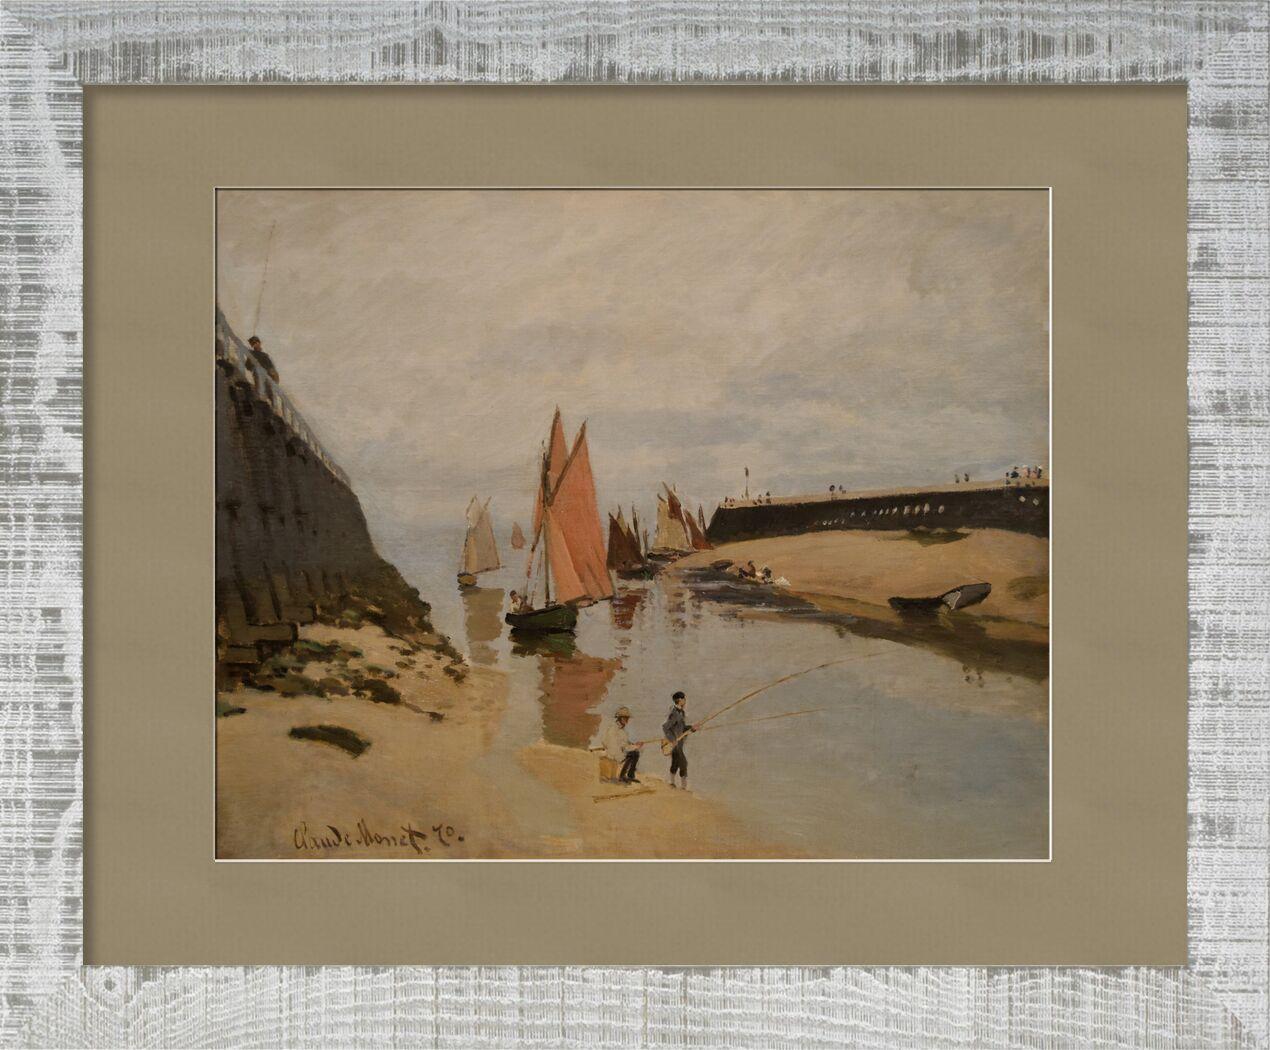 Le port de Trouville - CLAUDE MONET 1870 de AUX BEAUX-ARTS, Prodi Art, entrée de port, bateaux à voile, bateaux, pêche, Trouville, CLAUDE MONET, peinture, nuages, enfants, rivière, fleuve, Port